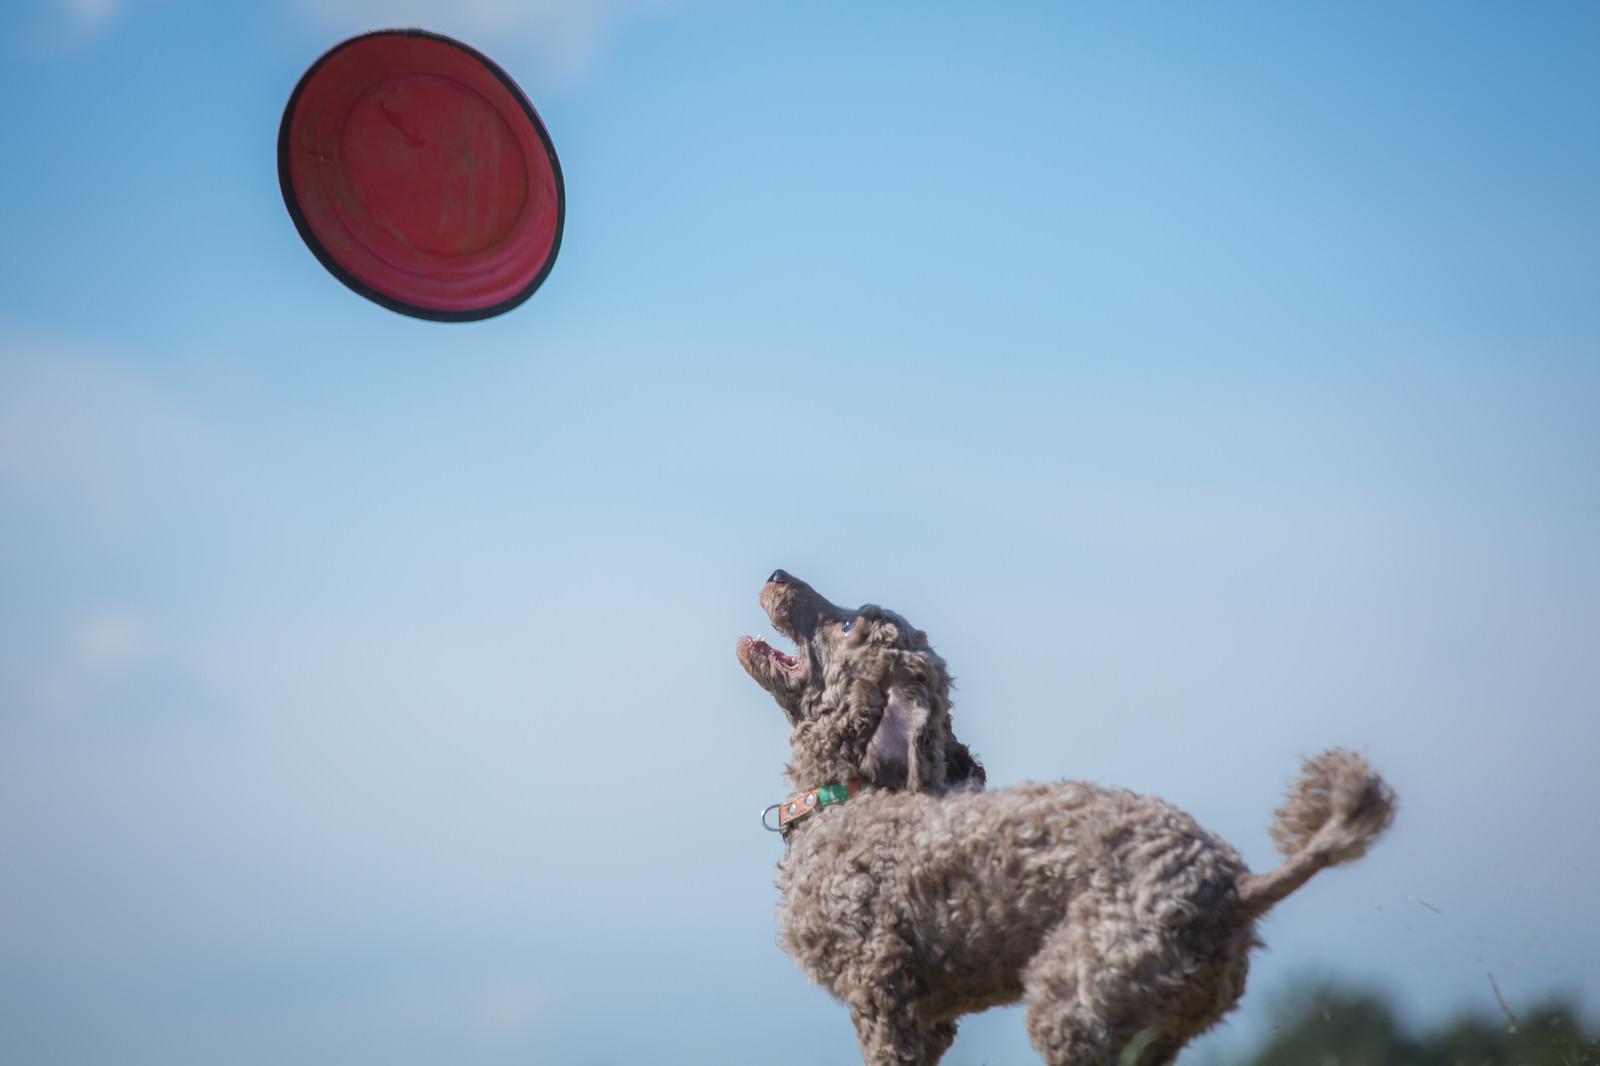 「飛んできたフリスビーをキャッチしようと構えるわんちゃん」の写真